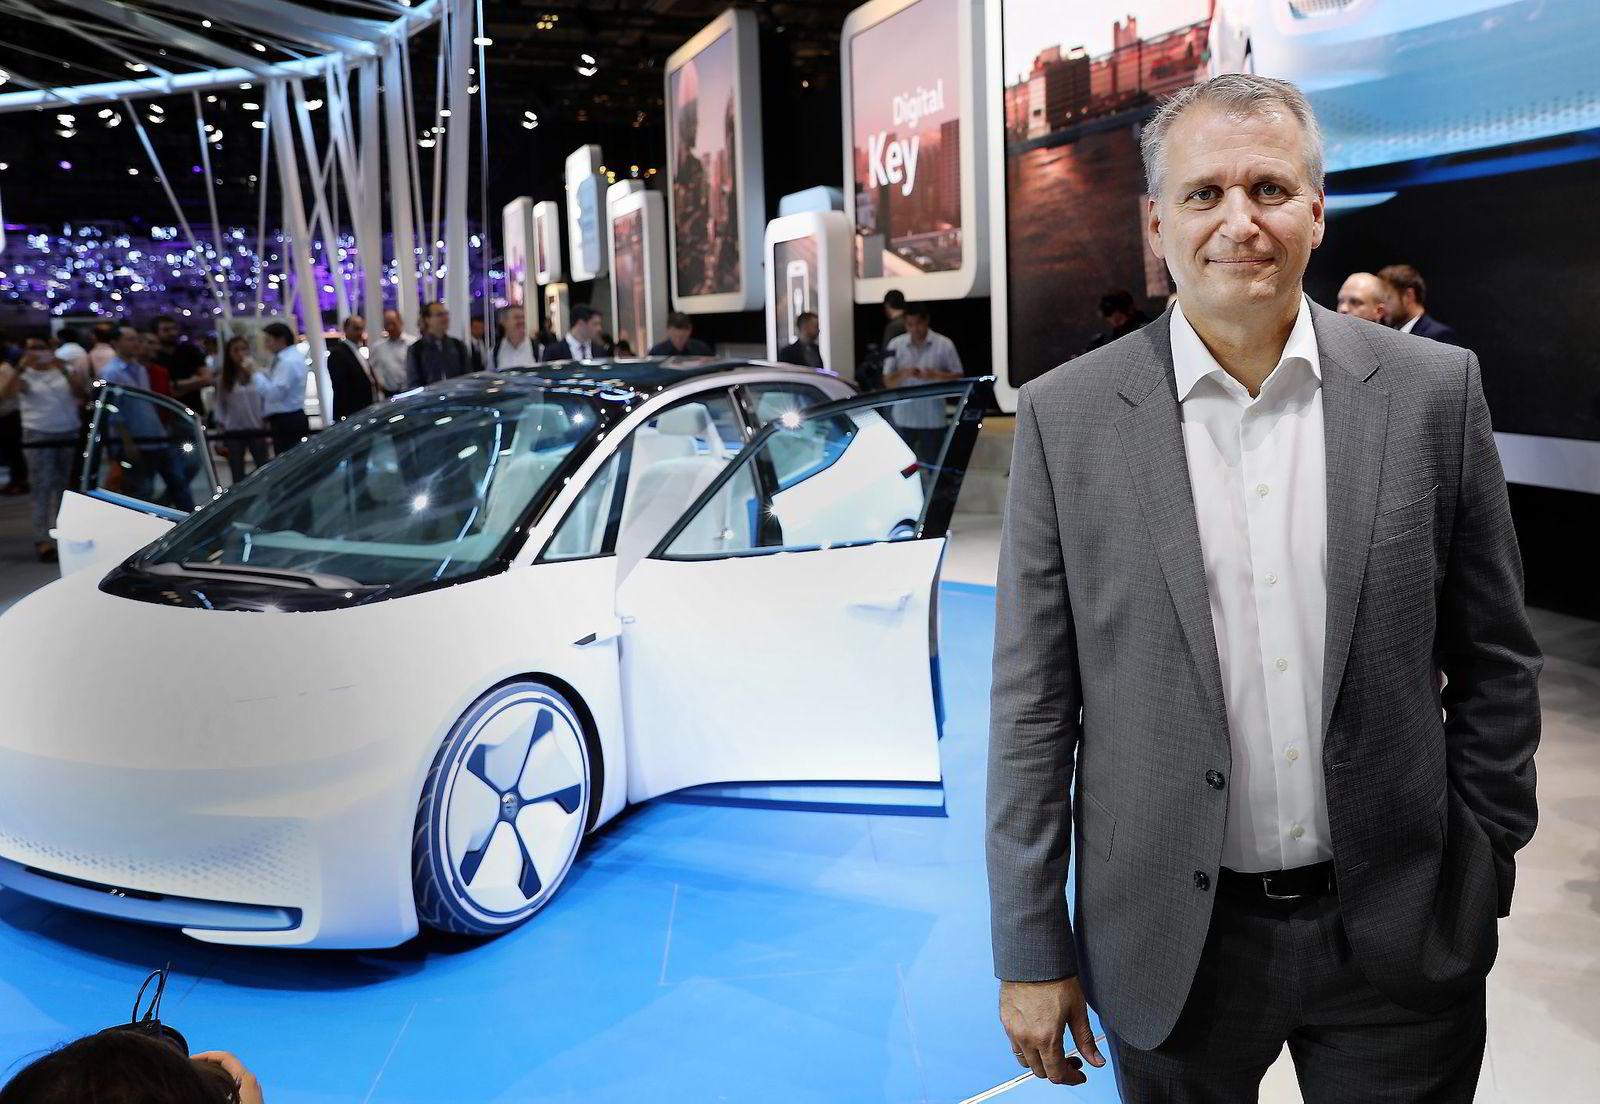 Terje Male, påtroppende konsernsjef i Møllergruppen, mener bilbransjen står foran kjempeutfordringer med den nye teknologiutviklingen. Bak ham står Volkswagens nye ID.